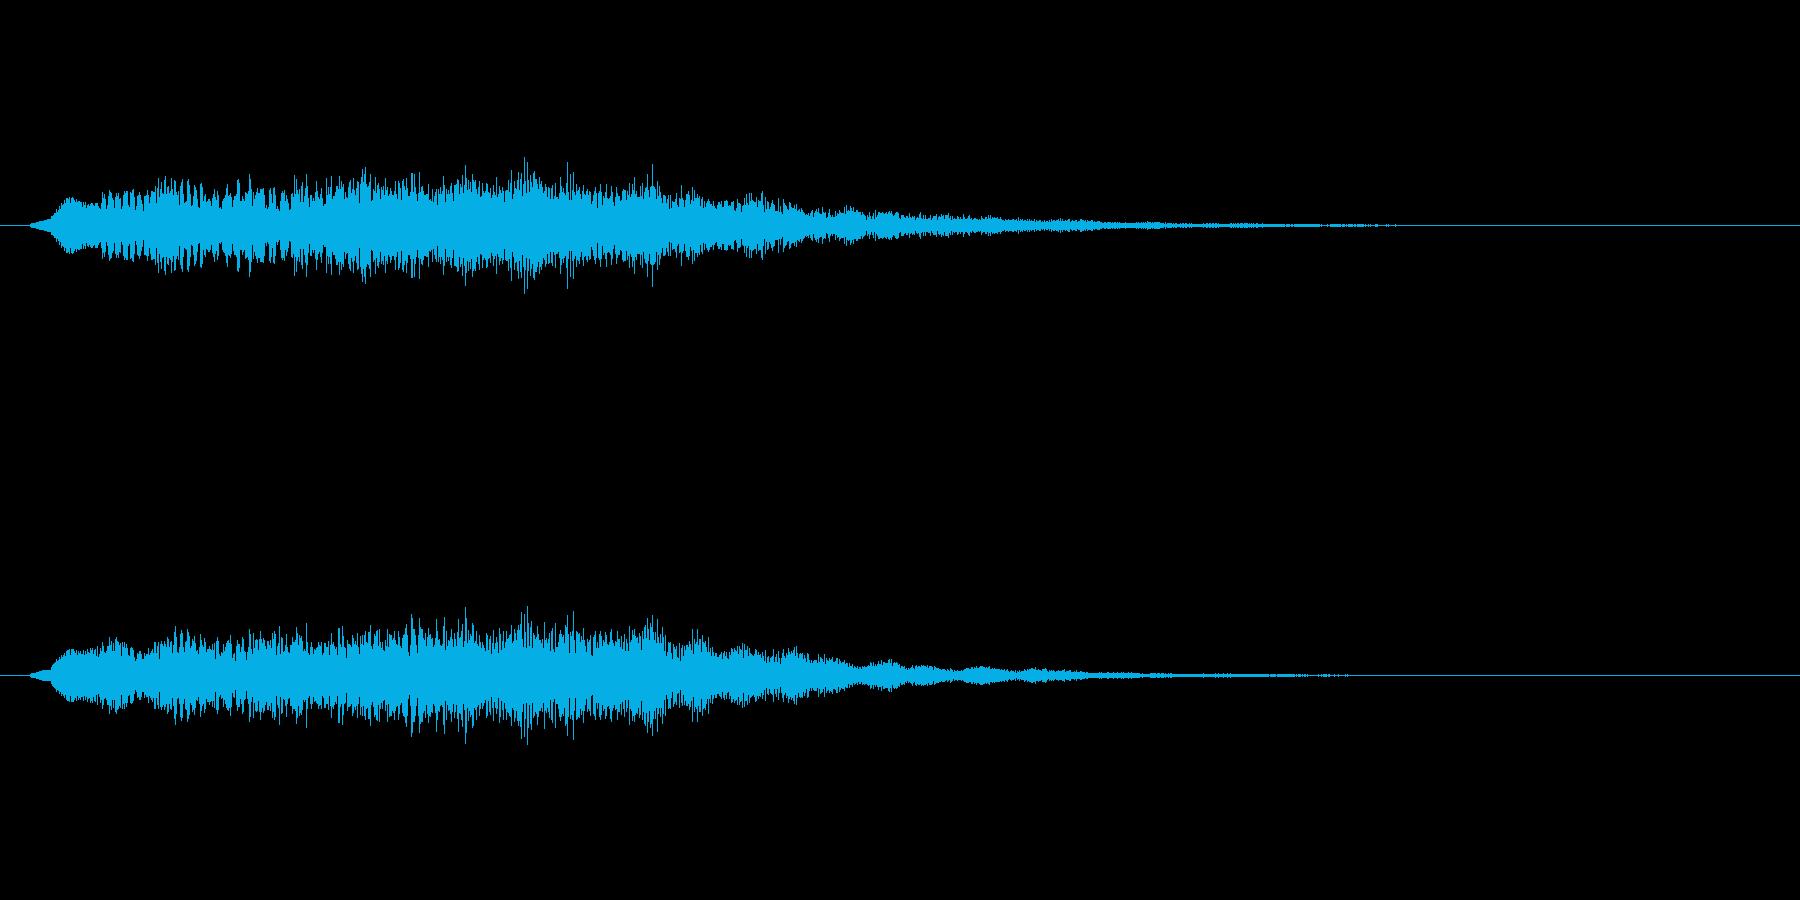 【ショートブリッジ27-07】の再生済みの波形